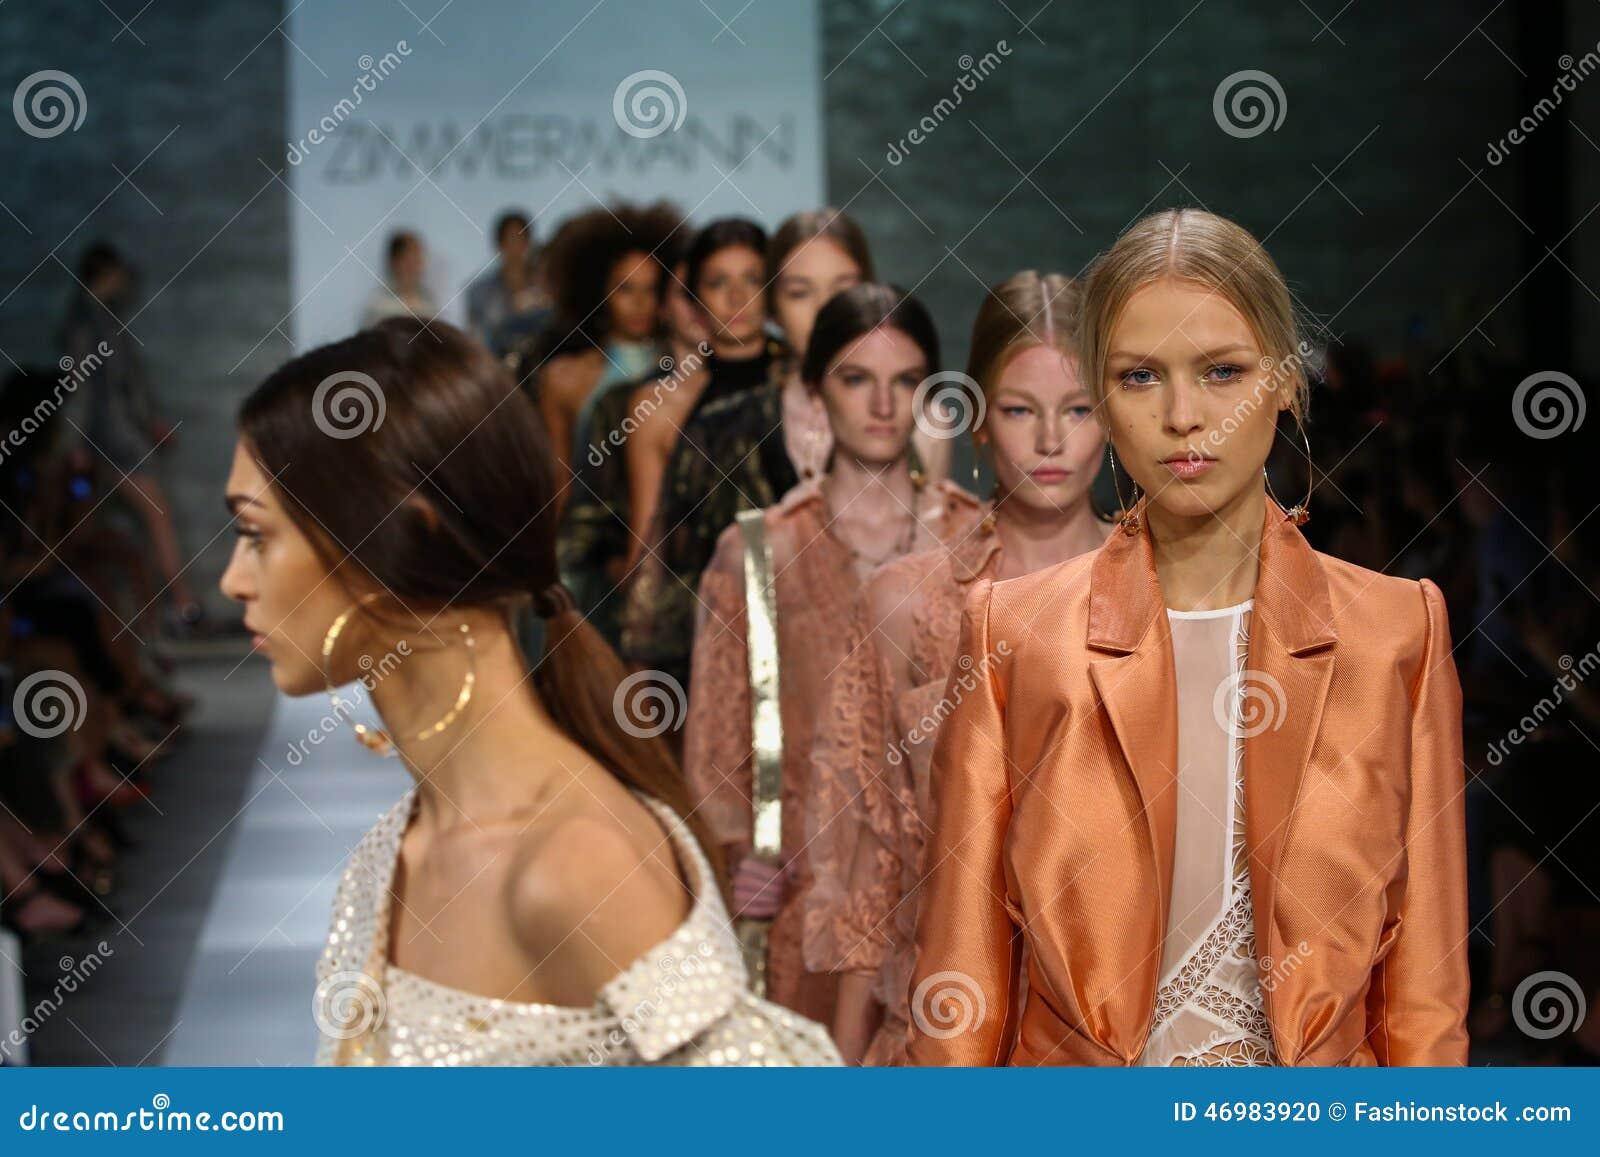 NEW YORK, NY - 5 SEPTEMBRE : Promenade de modèles la finale de piste au défilé de mode de Zimmermann